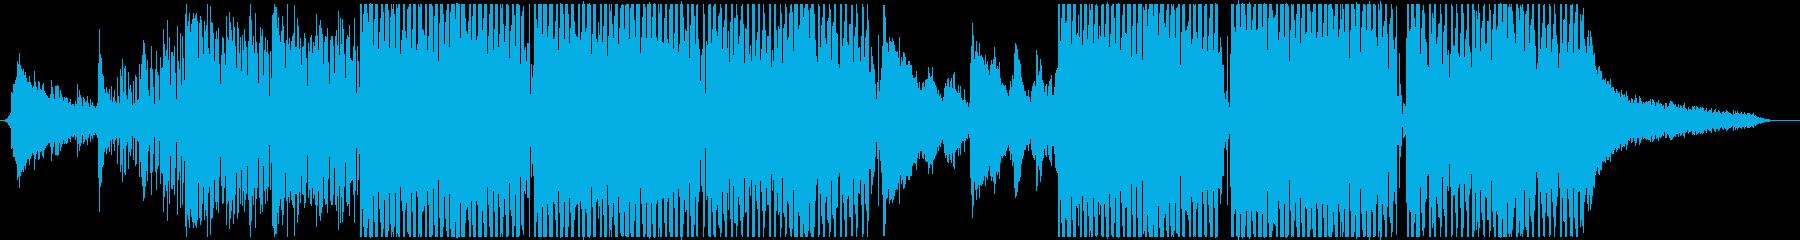 サイバーパンク・宇宙的なシーンで2の再生済みの波形